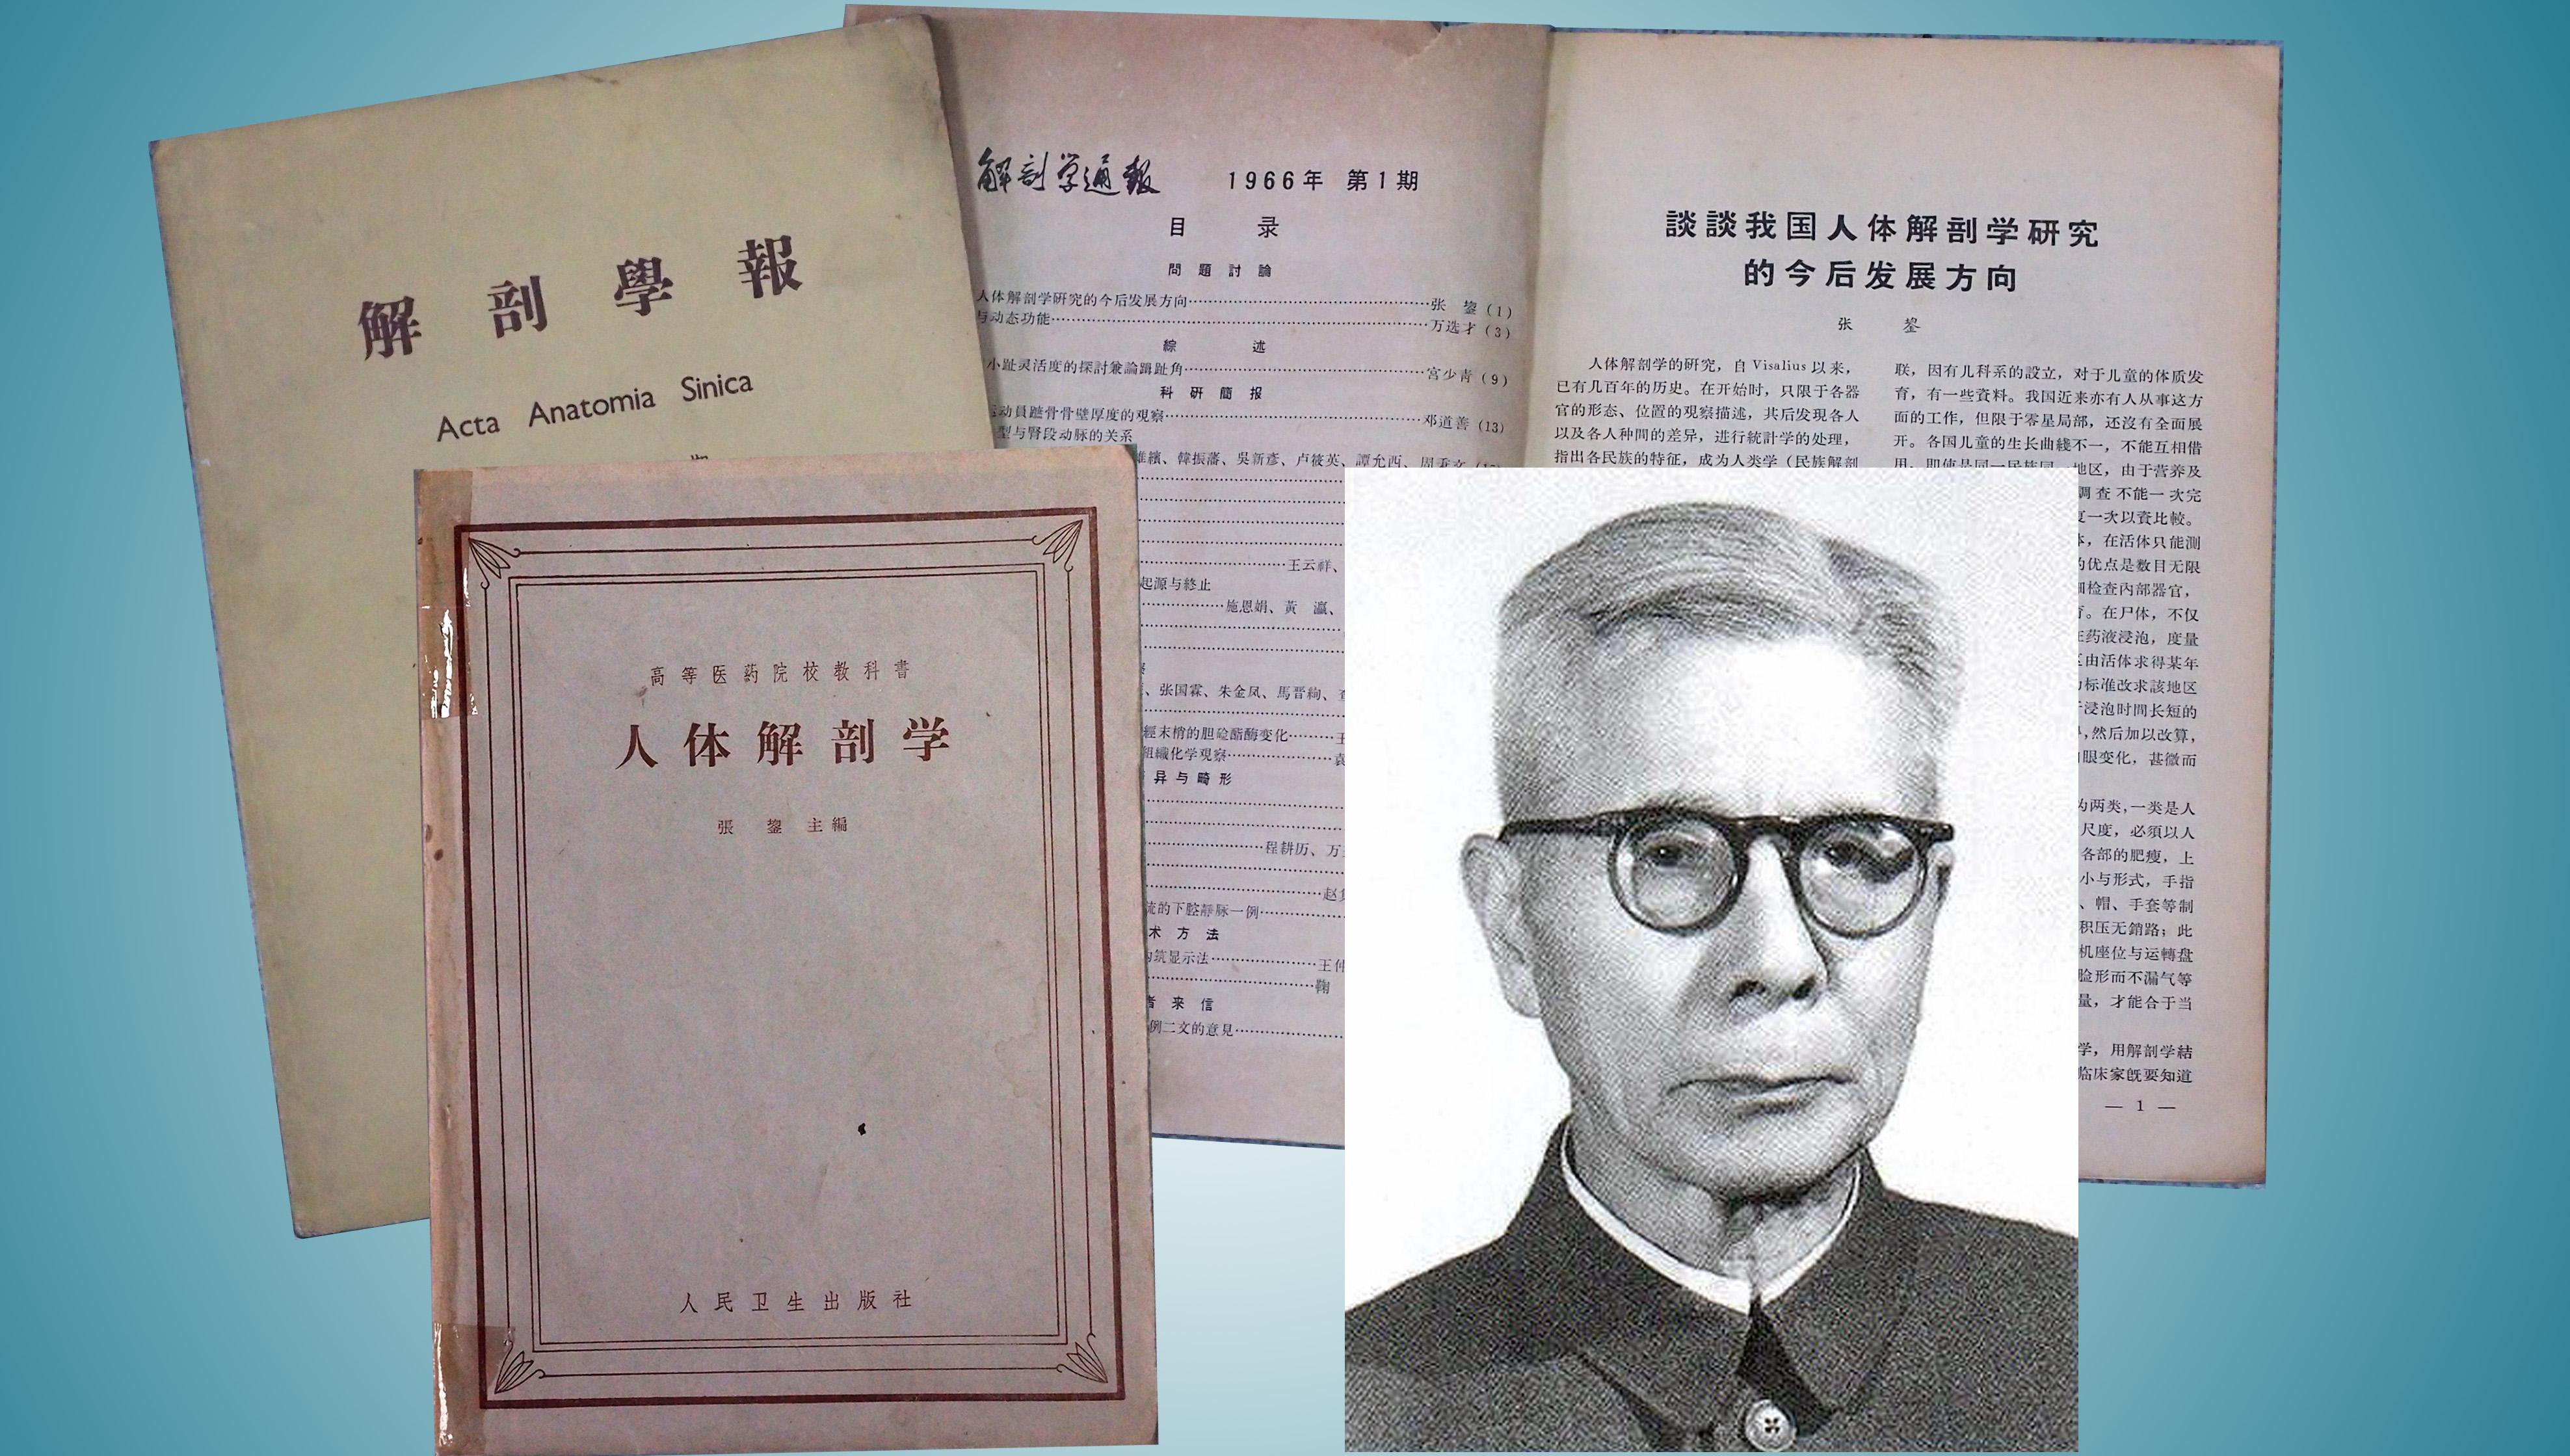 张�]教授及其著作